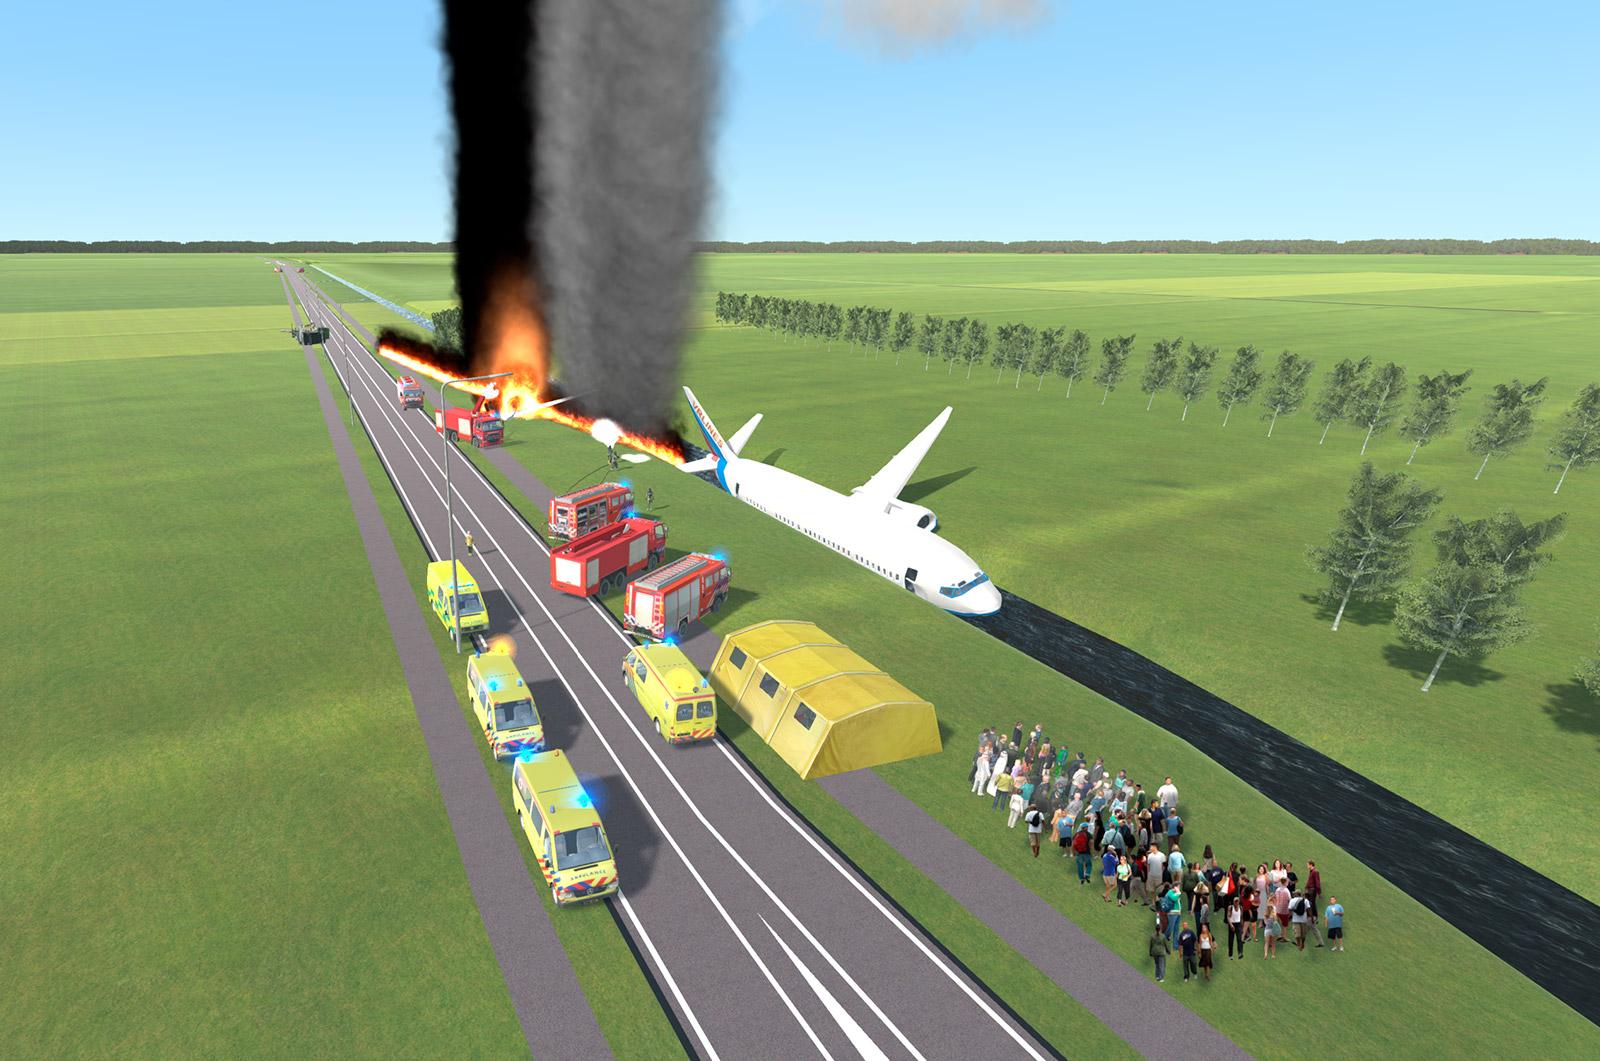 Pelastusopiston harjoituksissa on visualisoitu erilaisia onnettomuustilanteita FireStudio- ja XVR-simulaatioympäristöissä.